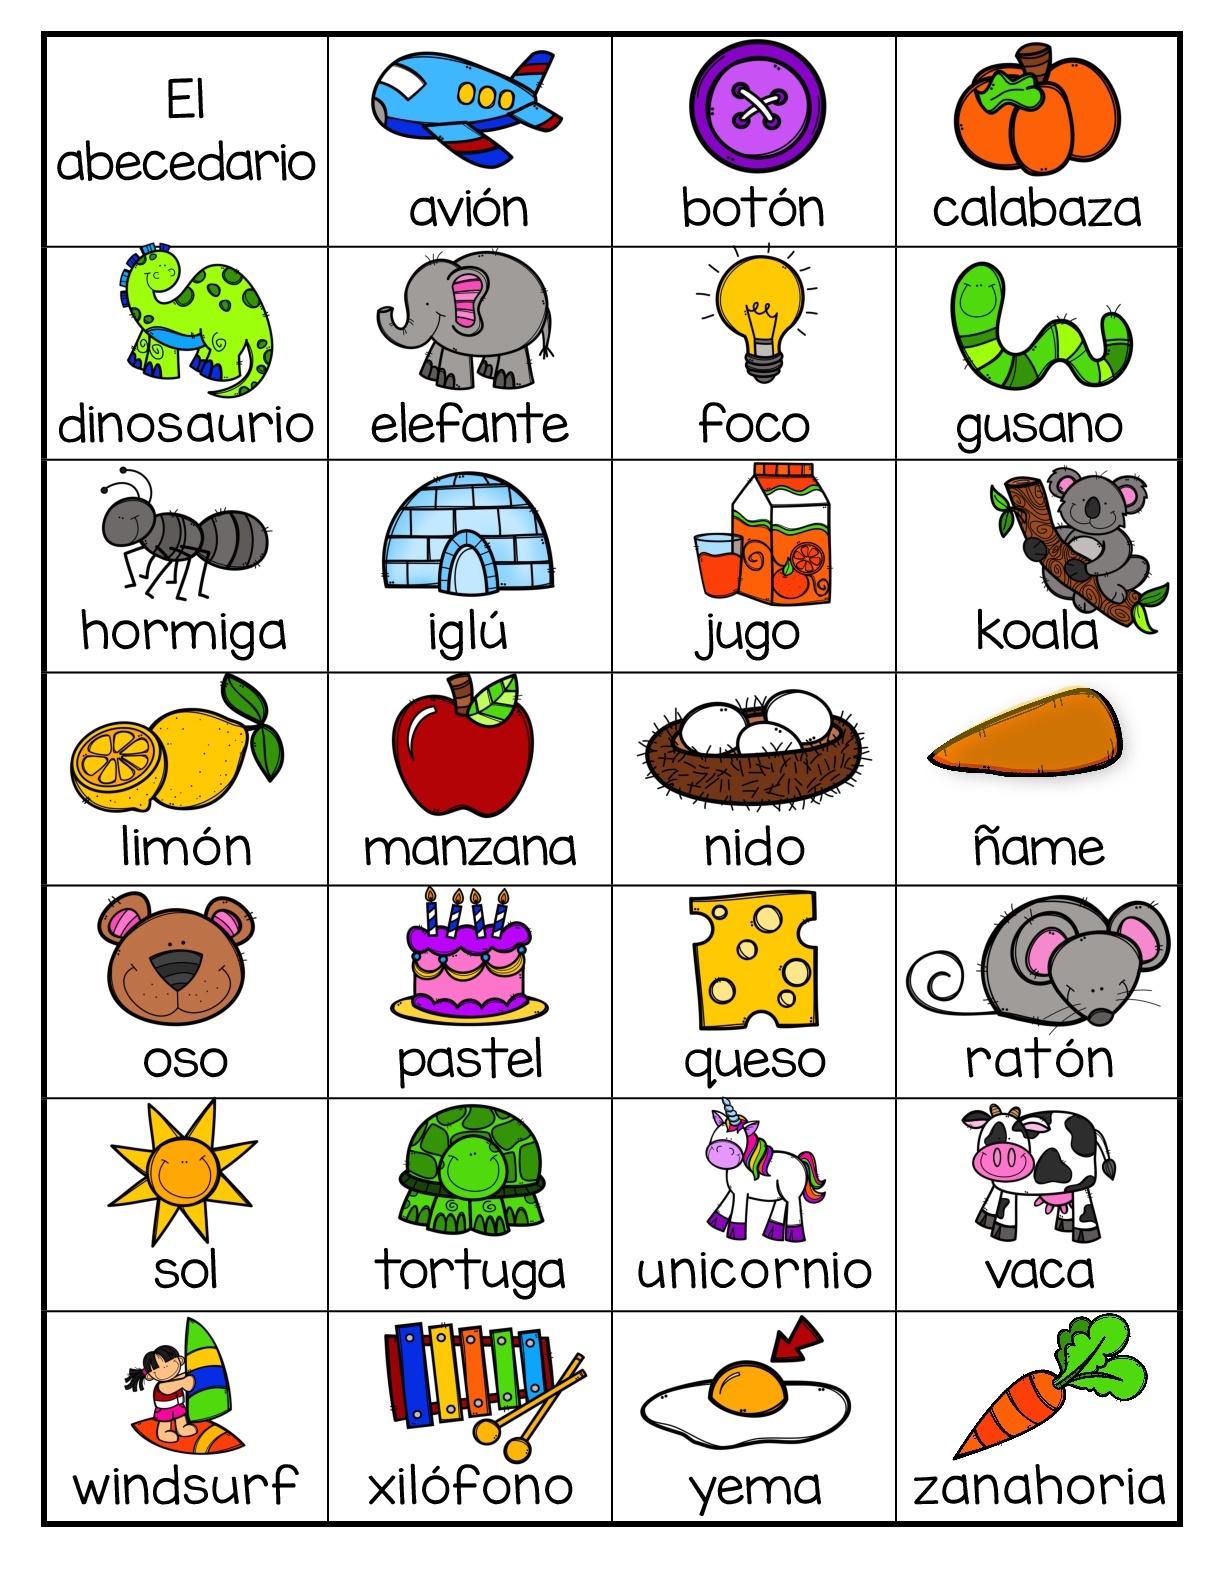 tablero-del-abecedario-gratis-003